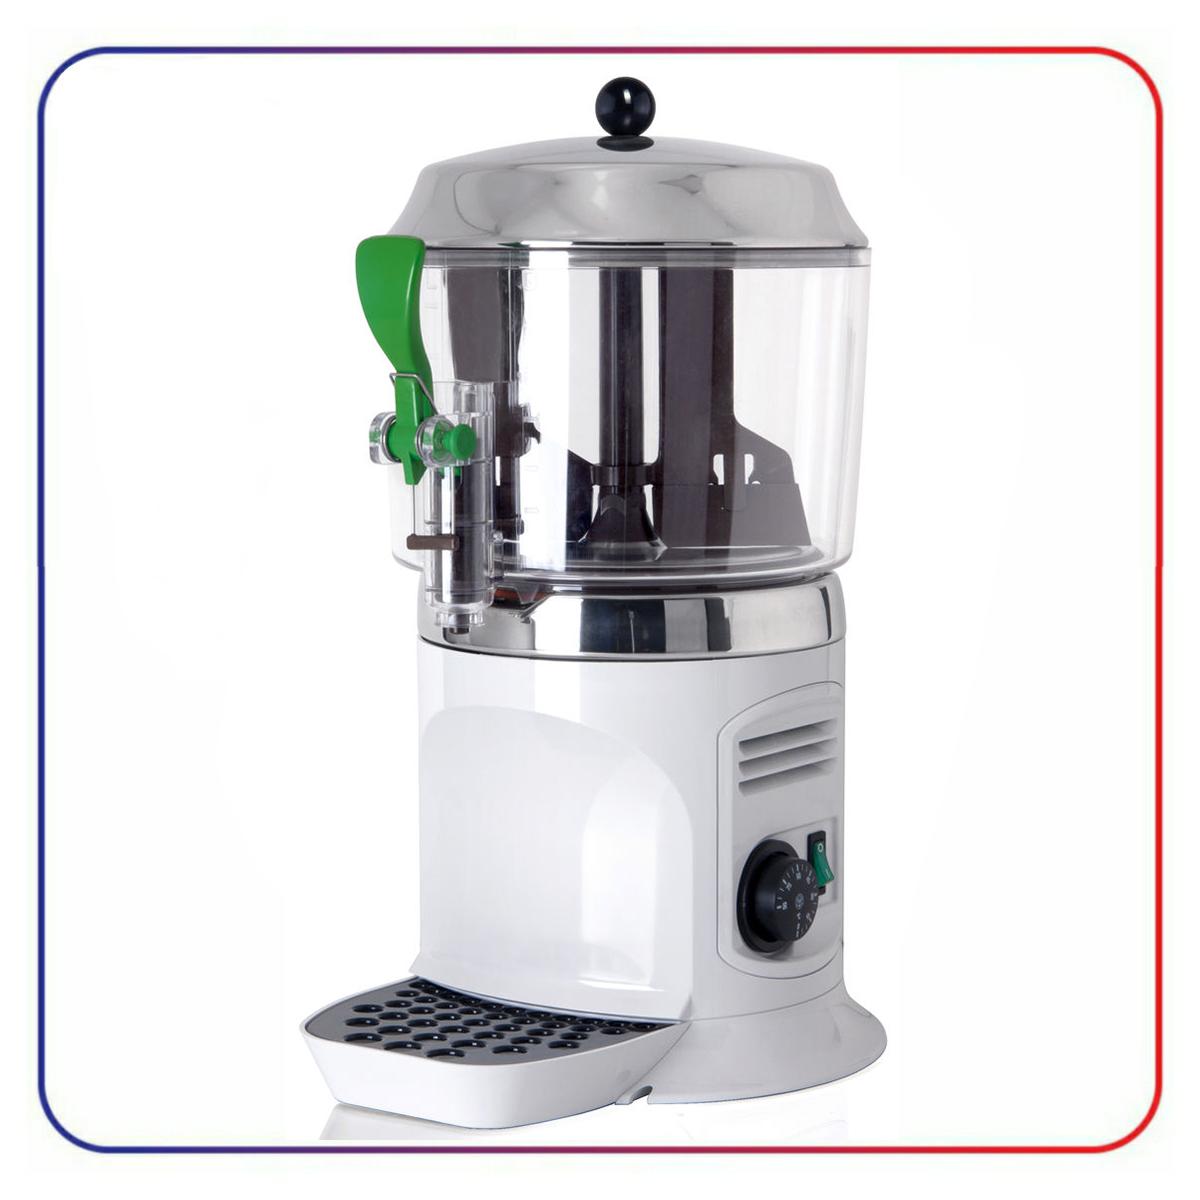 شیر گرم کن - شیر داغ کن براس 5 لیتری BRAS SCRIOCCO